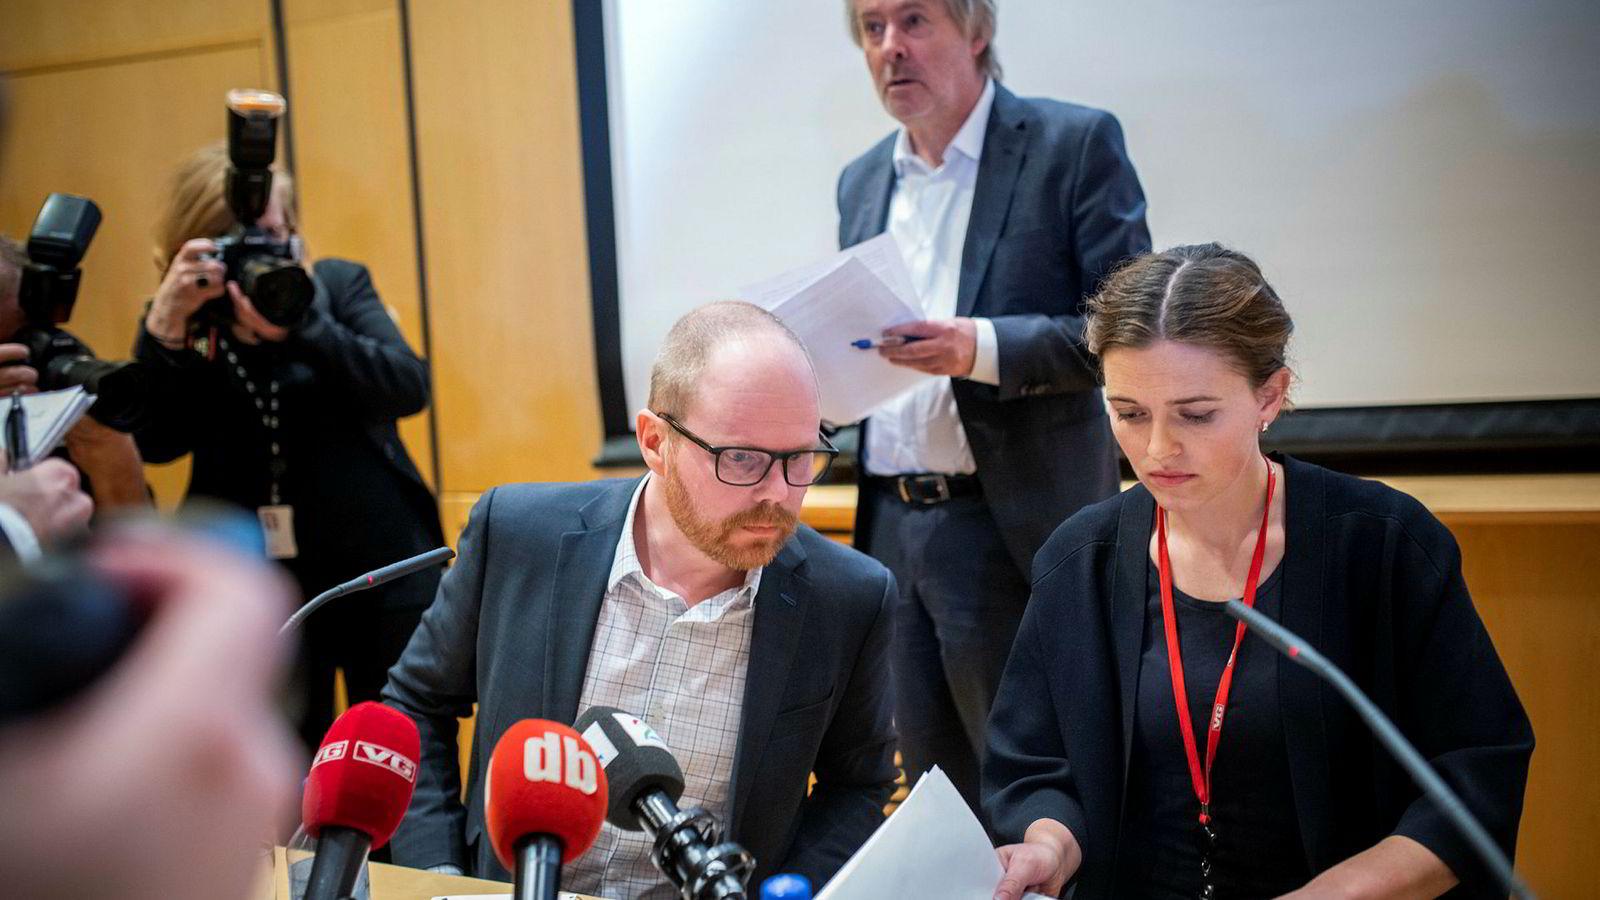 VG-redaktør Gard Steiro og nyhertsredaktør Tora Bakke Håndlykken og styrelder Torry Pedersen på pressekonferansen i mars. VG-ledelsens beklaget til leserne, Trond Giske og kvinnen i dansevideoen.